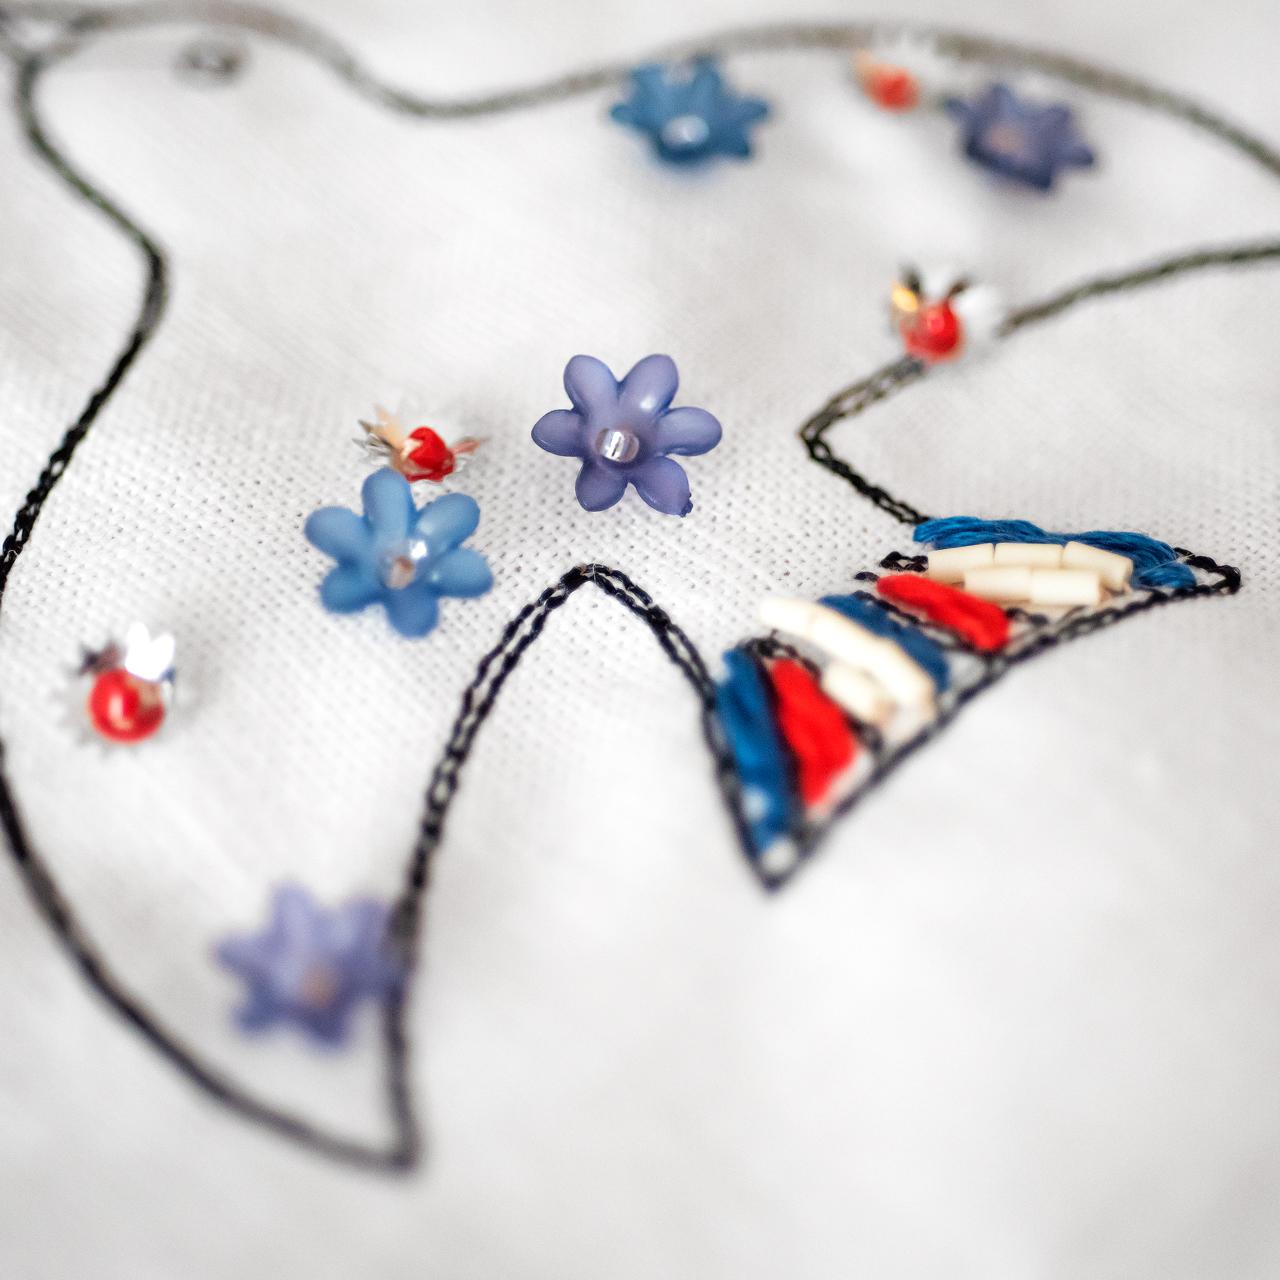 鳥の可愛いビーズ刺繍